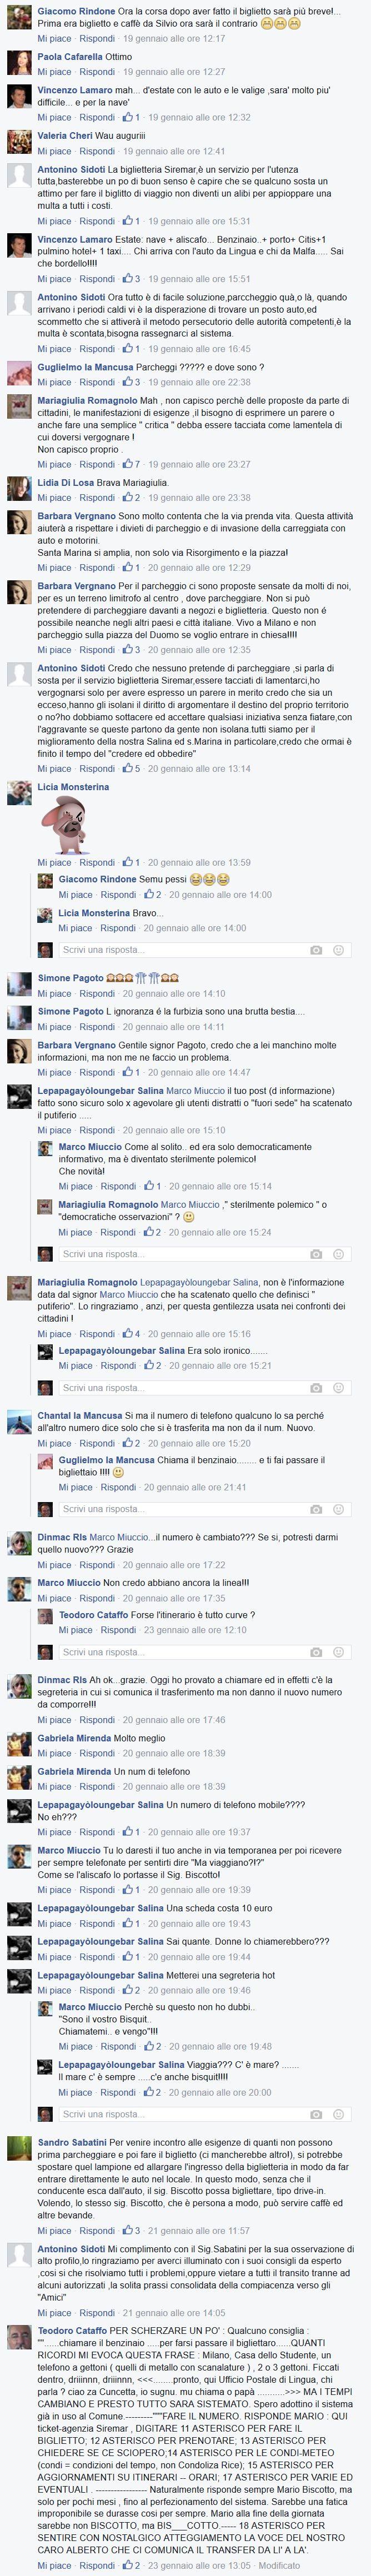 23 GENNAIO TRASFERIMENTO BIGLIETTERIA DI SANTA MARINA SALINA 04e7abd74c5c